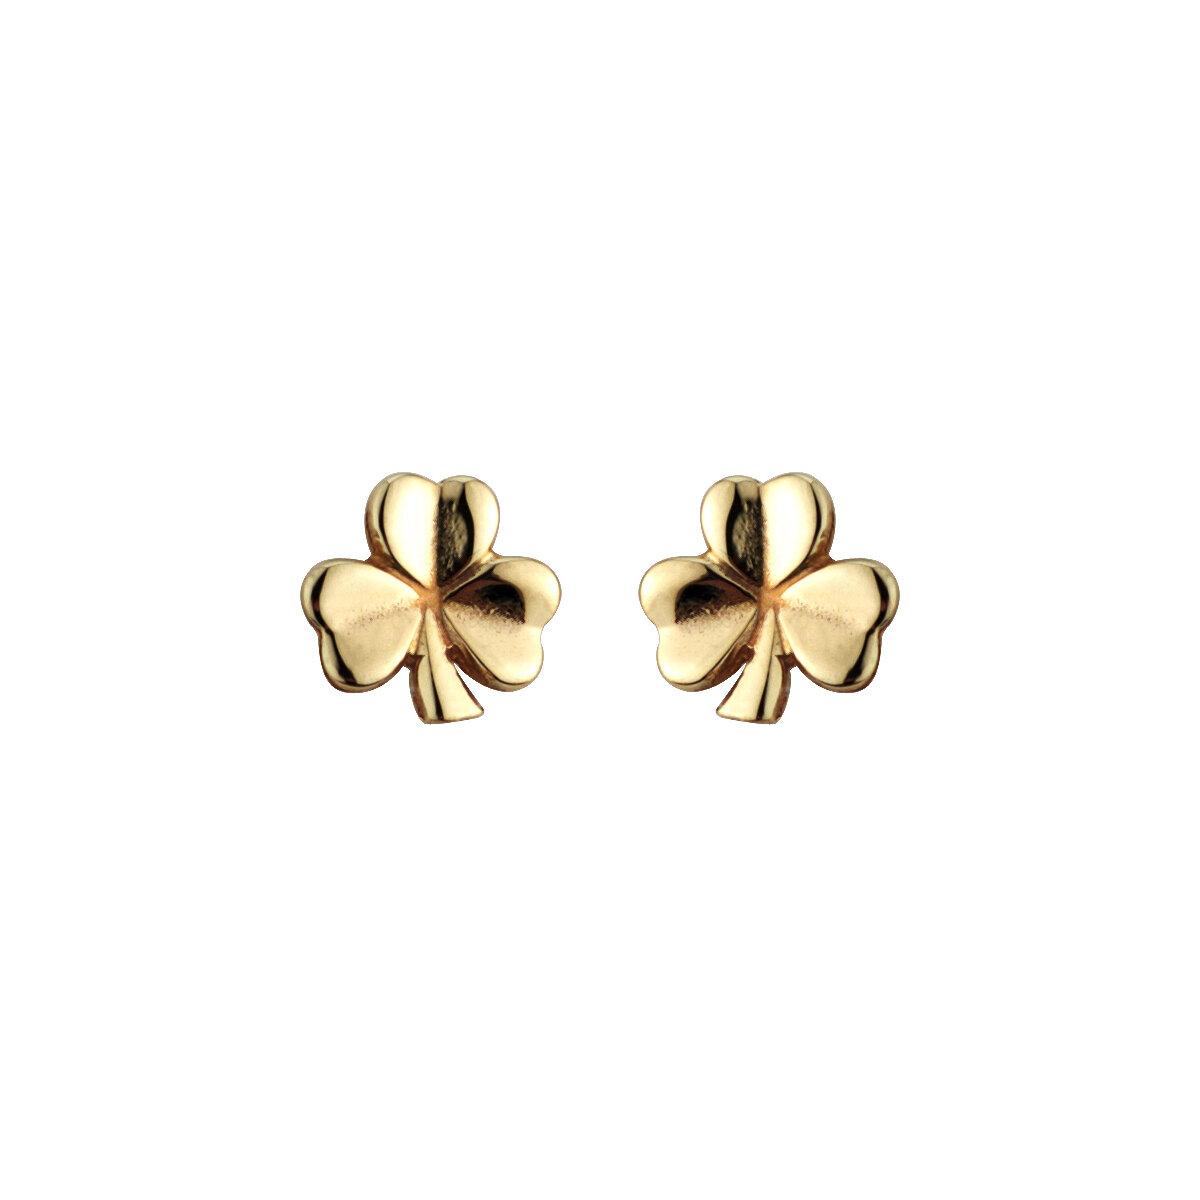 14k gold shamrock stud small earrings s3958 from Solvar